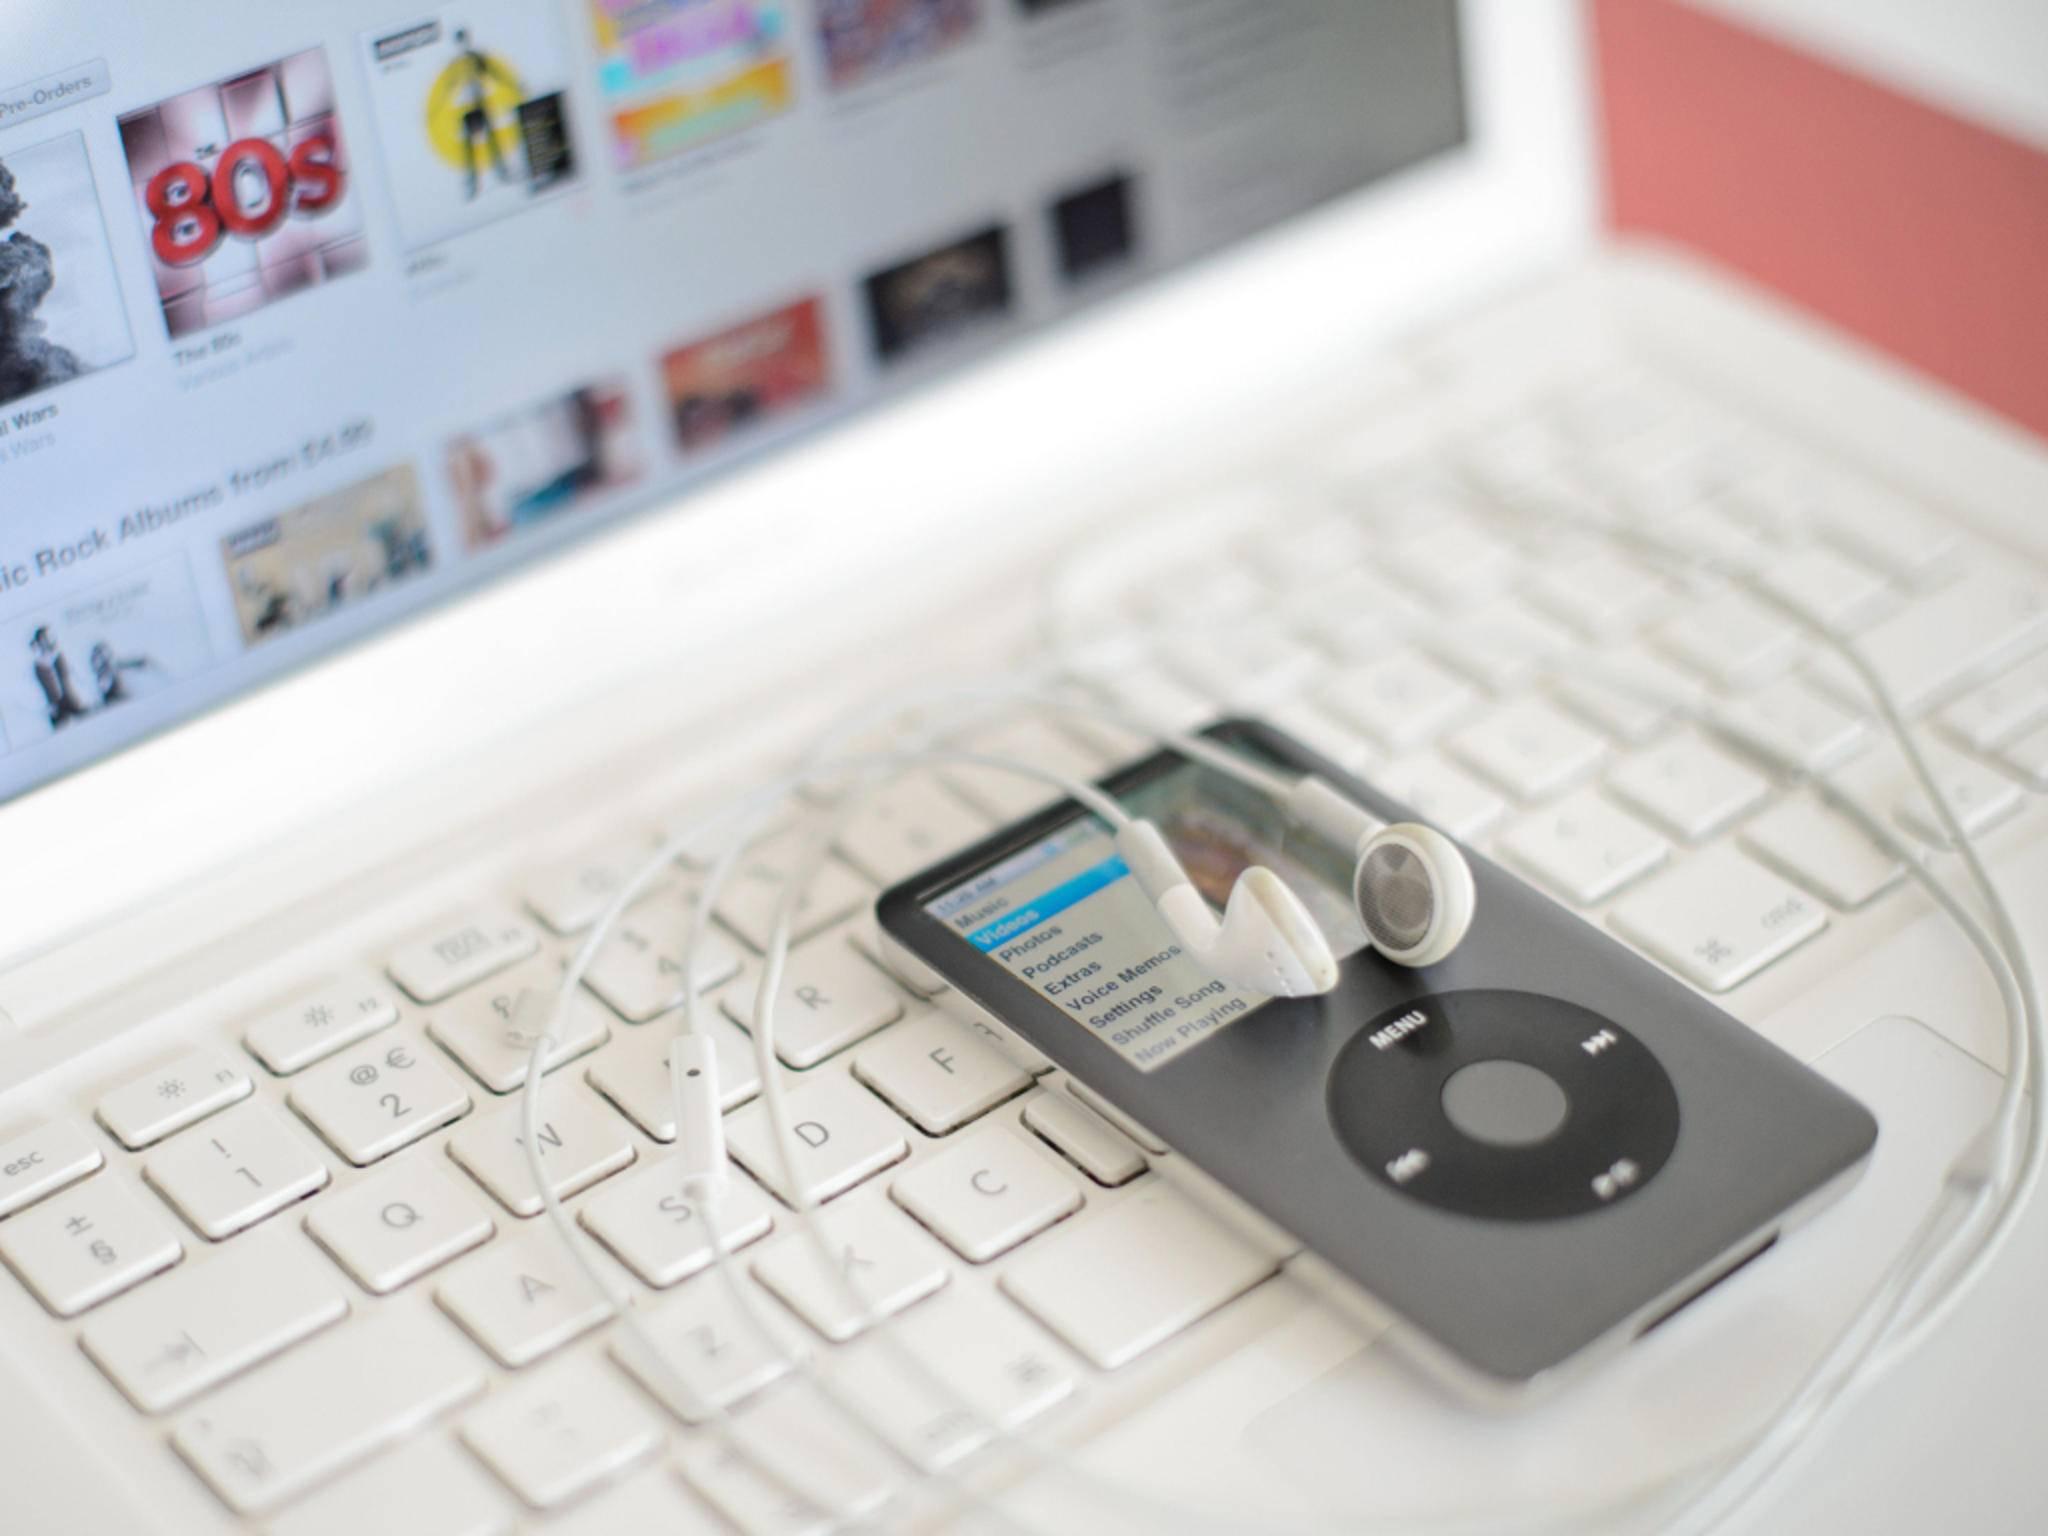 Auch in Zukunft wird man wohl Songs von iTunes auf seinen iPod laden können.